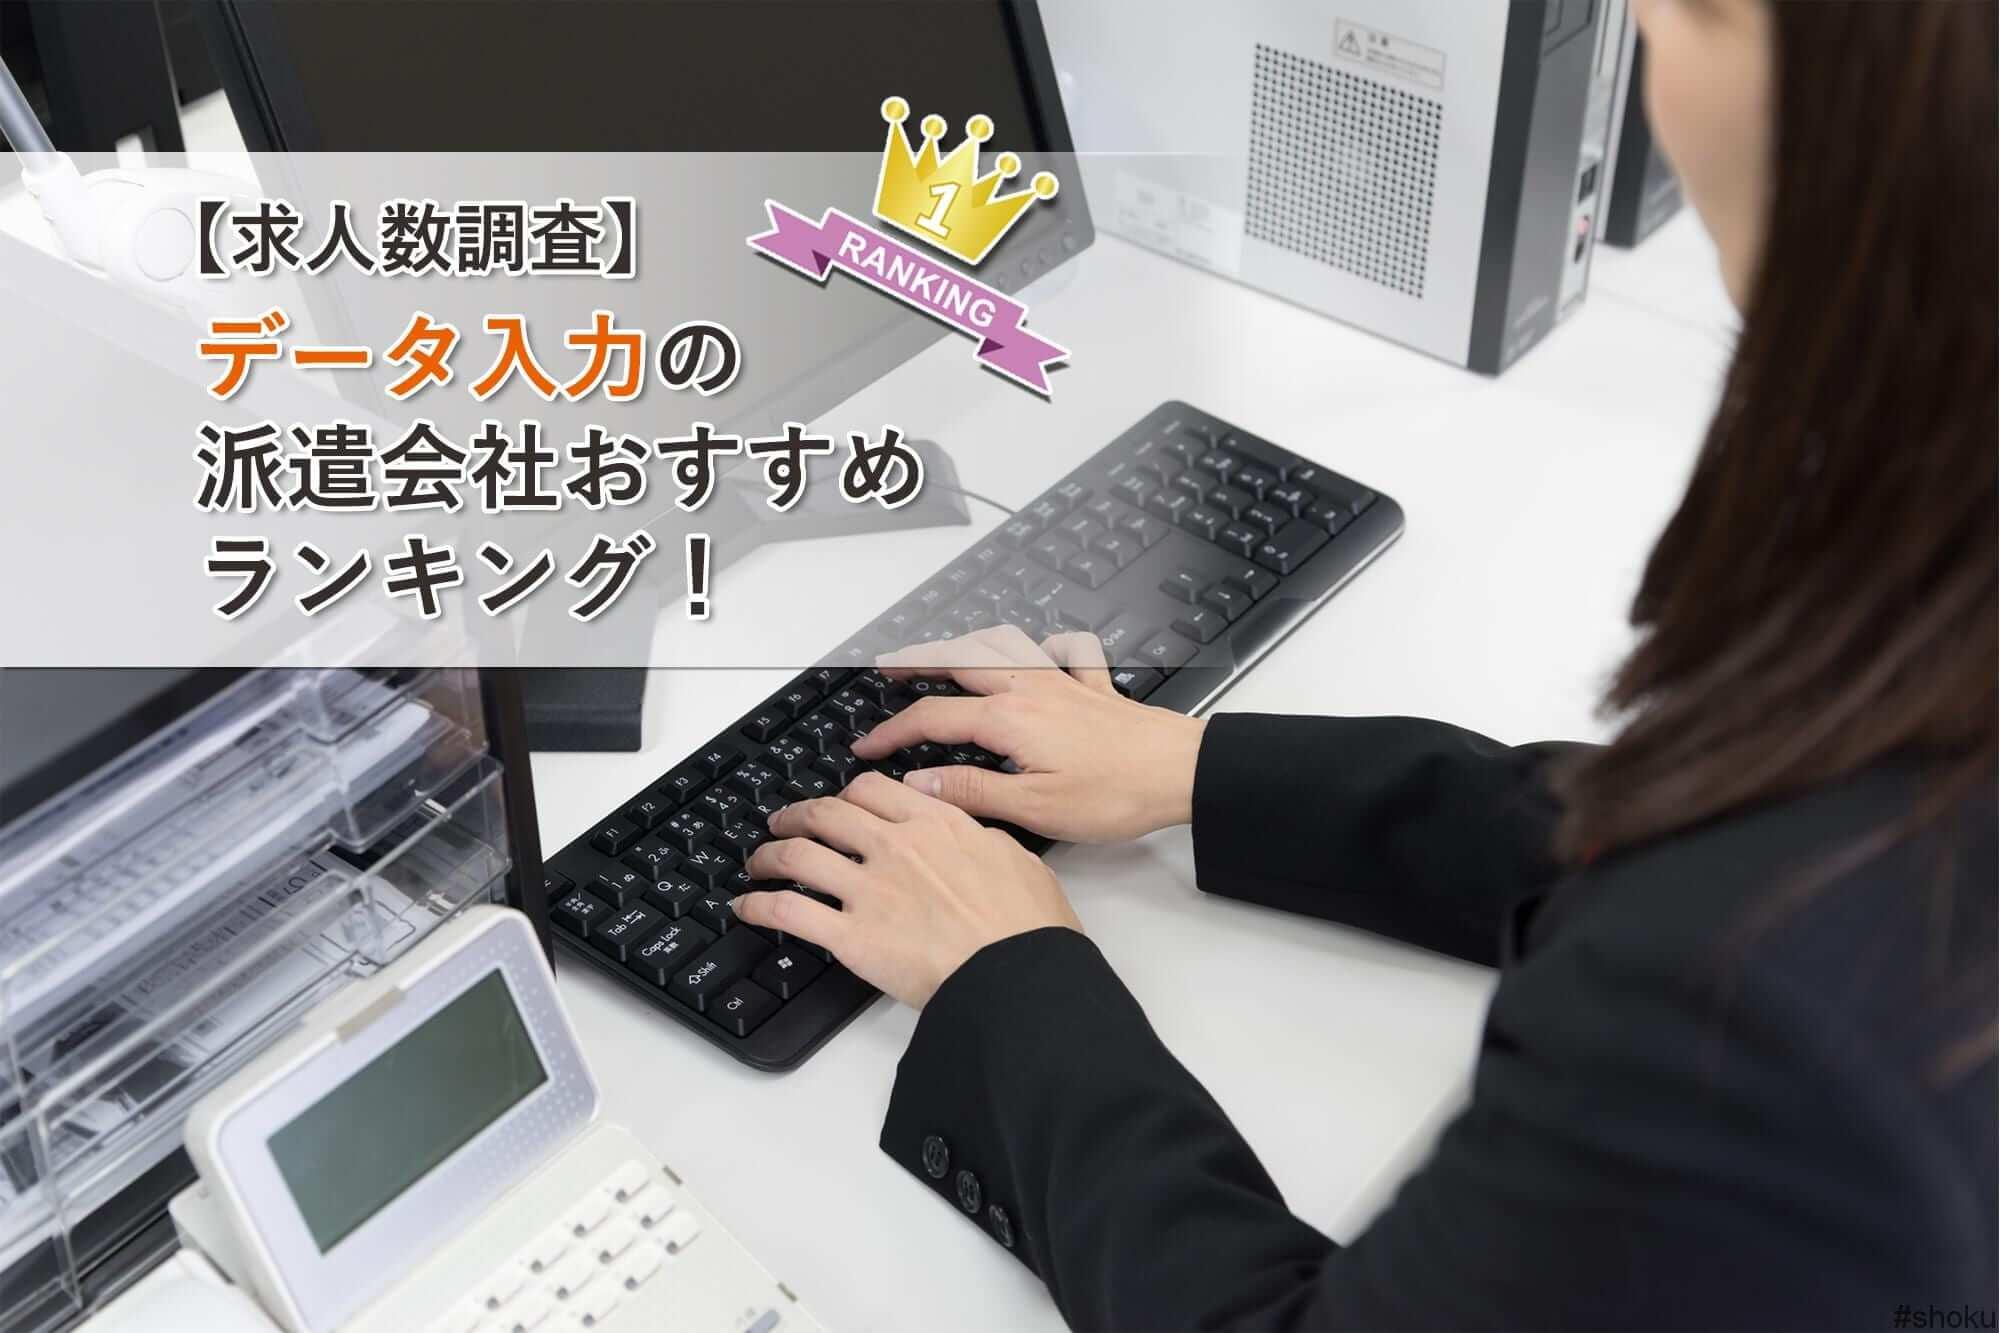 【求人数調査】データ入力に強い派遣会社おすすめランキング!